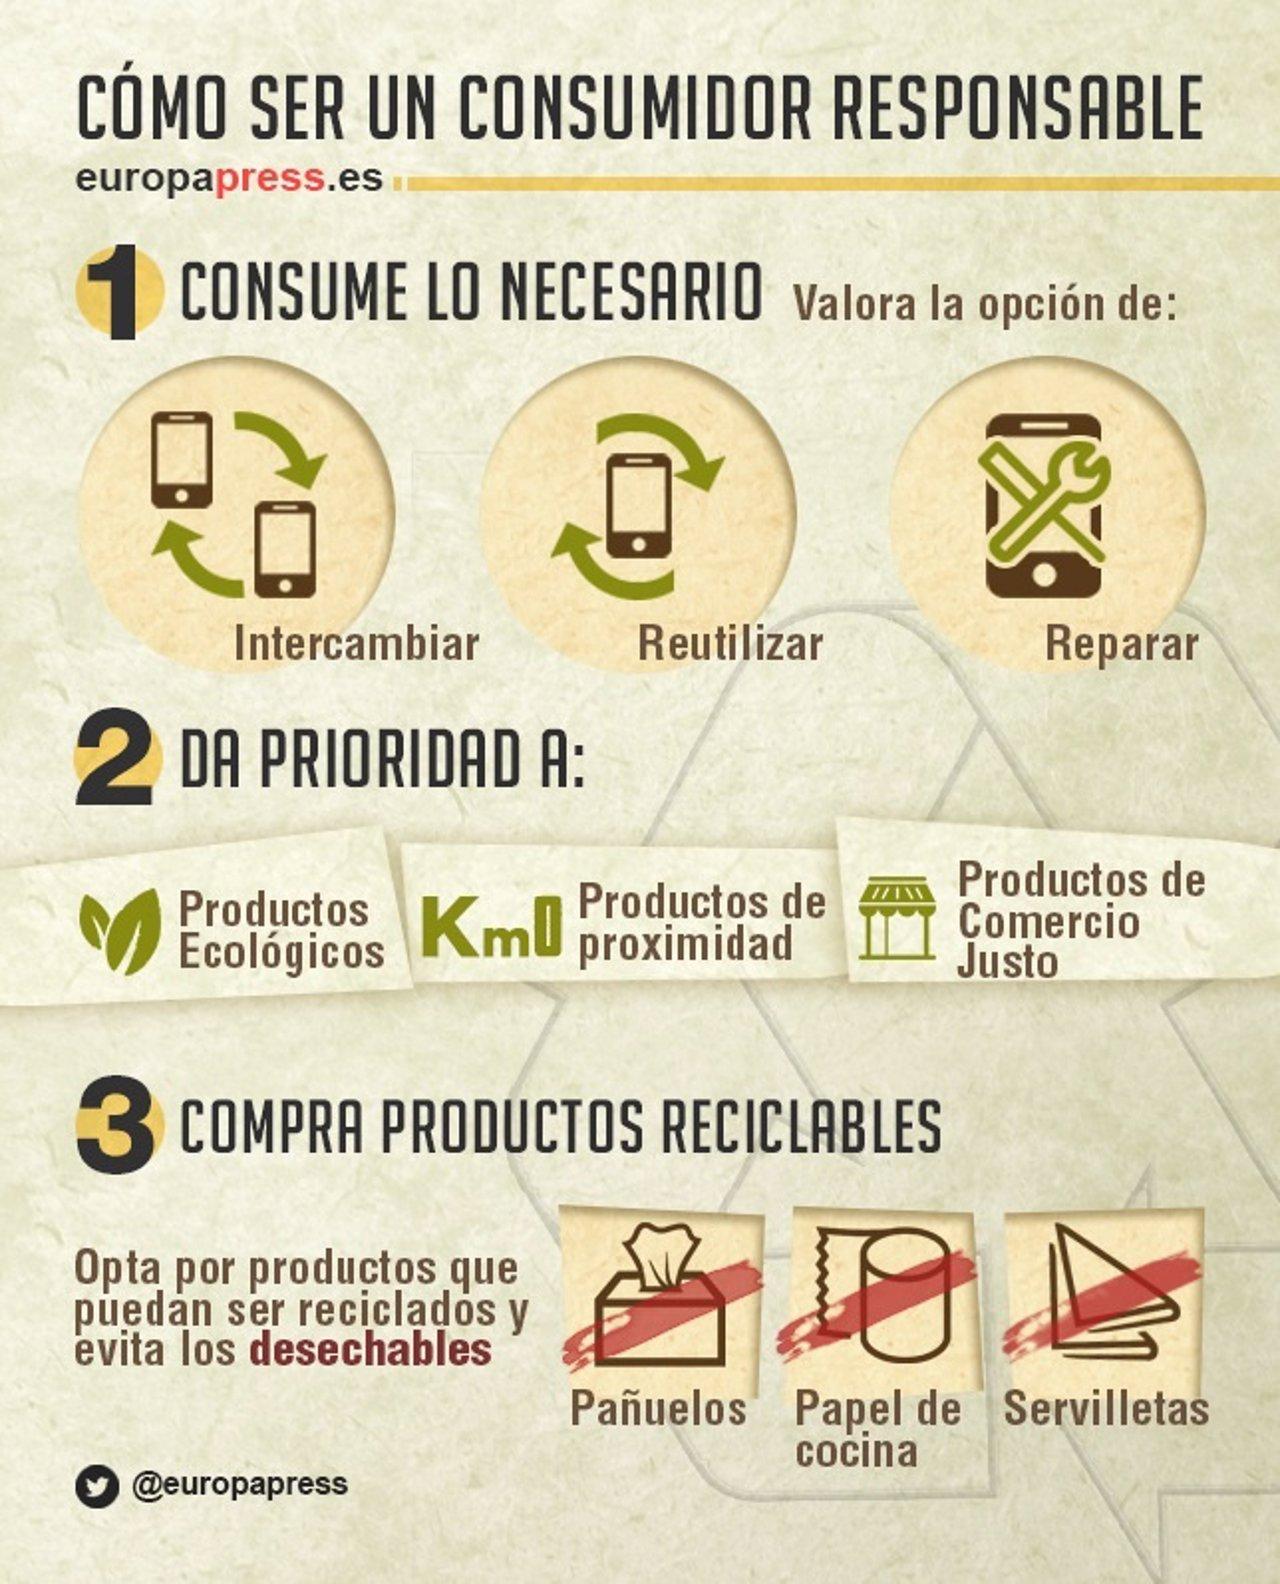 Cómo ser un consumidor responsable